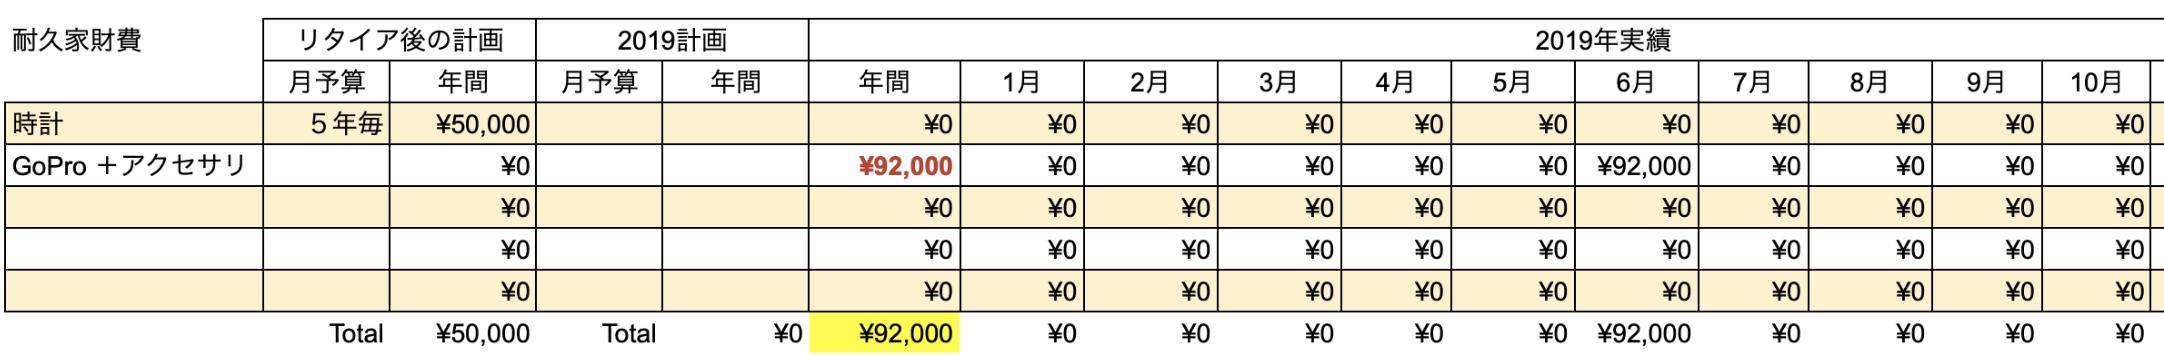 支出実績2019_10月_耐久家財費